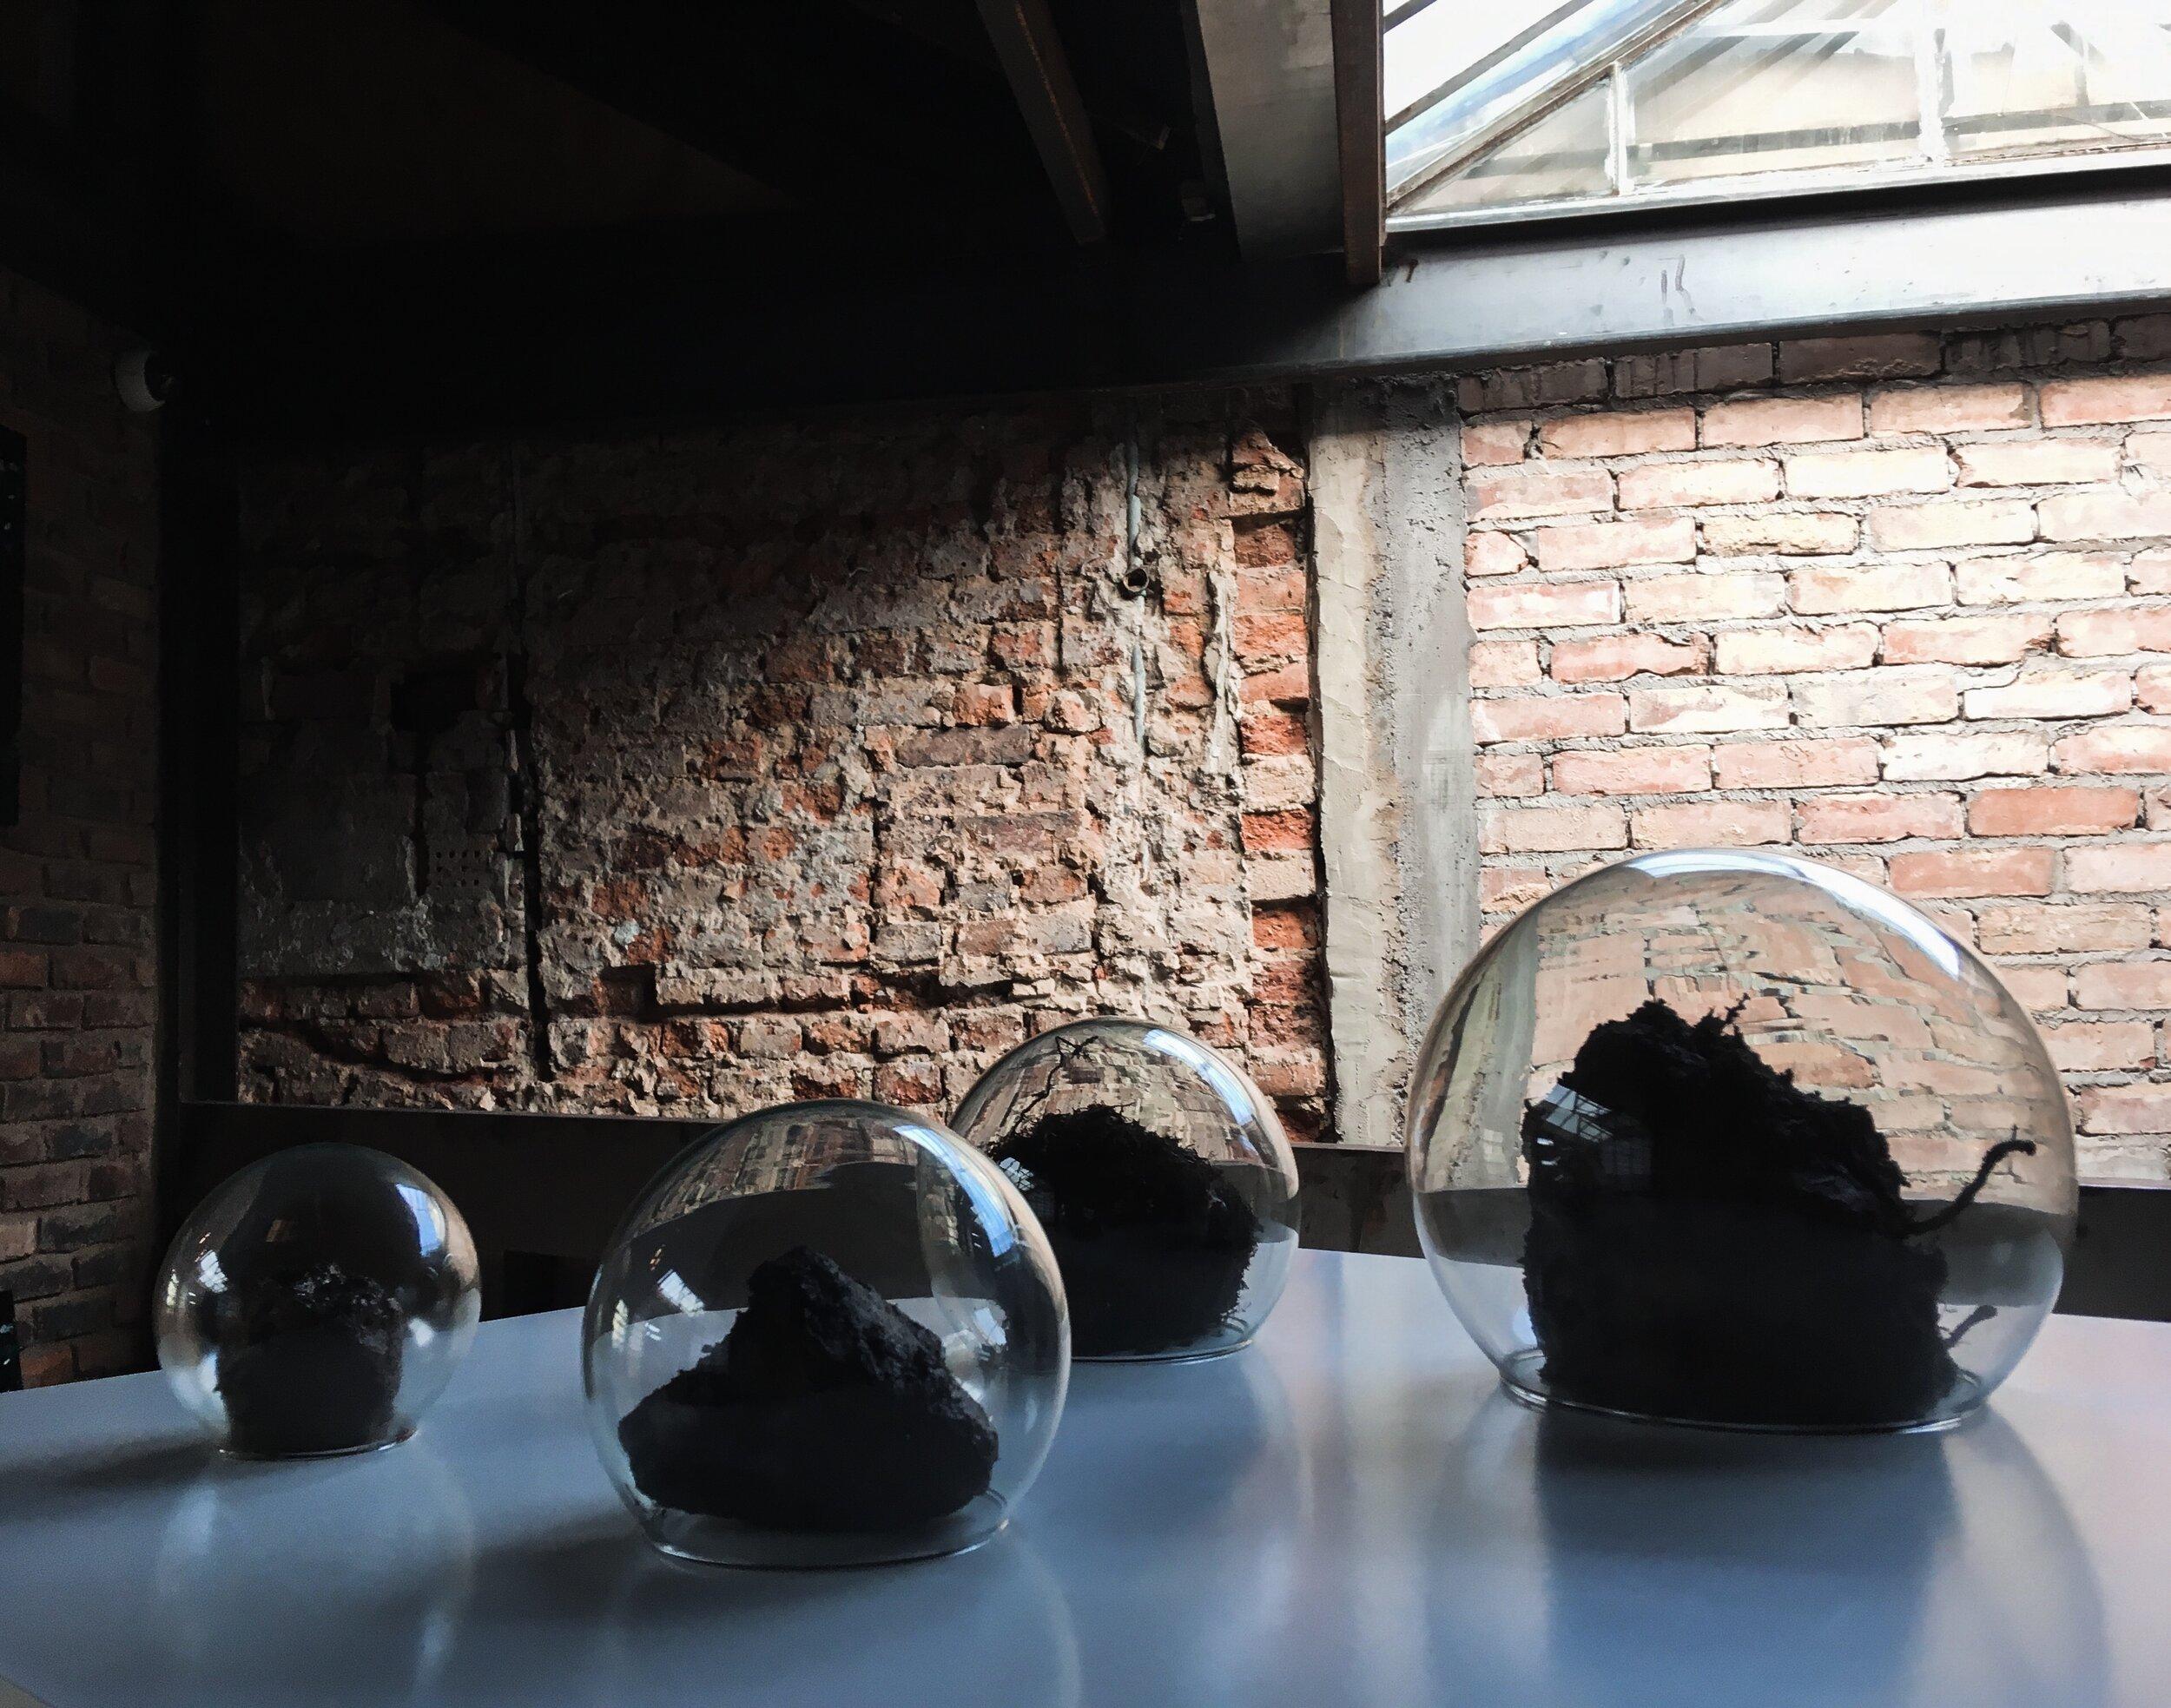 La respiración de las cosas. Muestras de tierra y agua en cápsulas de vidrio. Montaje de 90 x 90 cm.